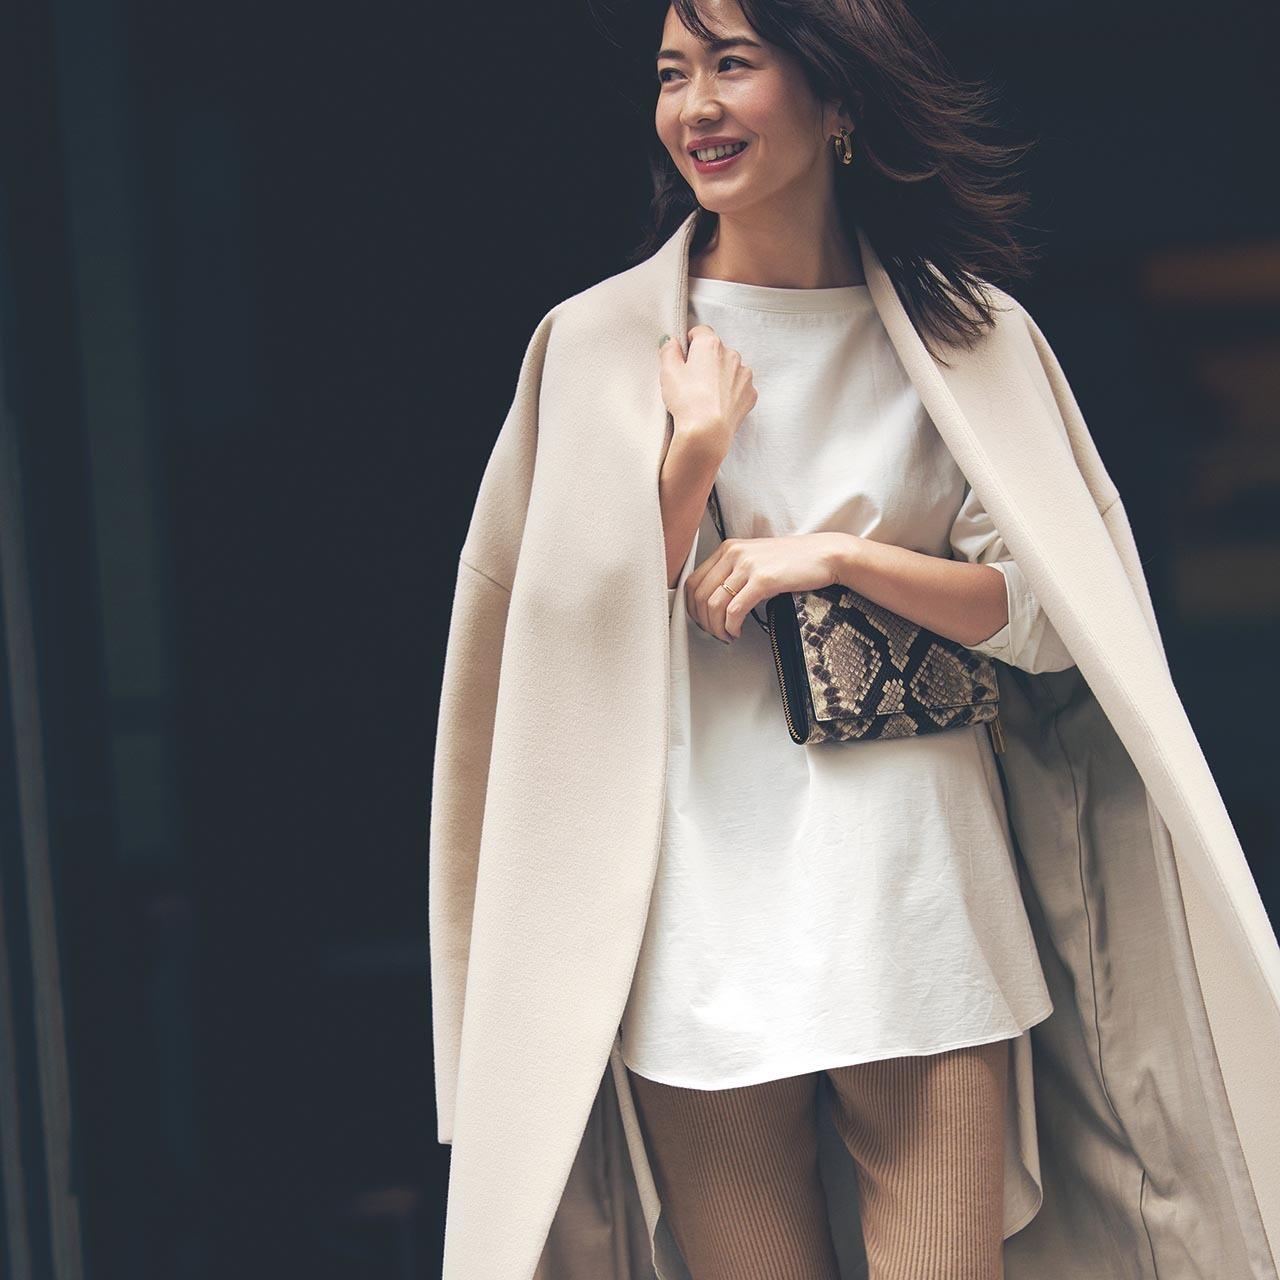 アラフォー注目のブランドから「一生物」のお買い物まで【ファッション人気記事ランキングトップ10】_1_6